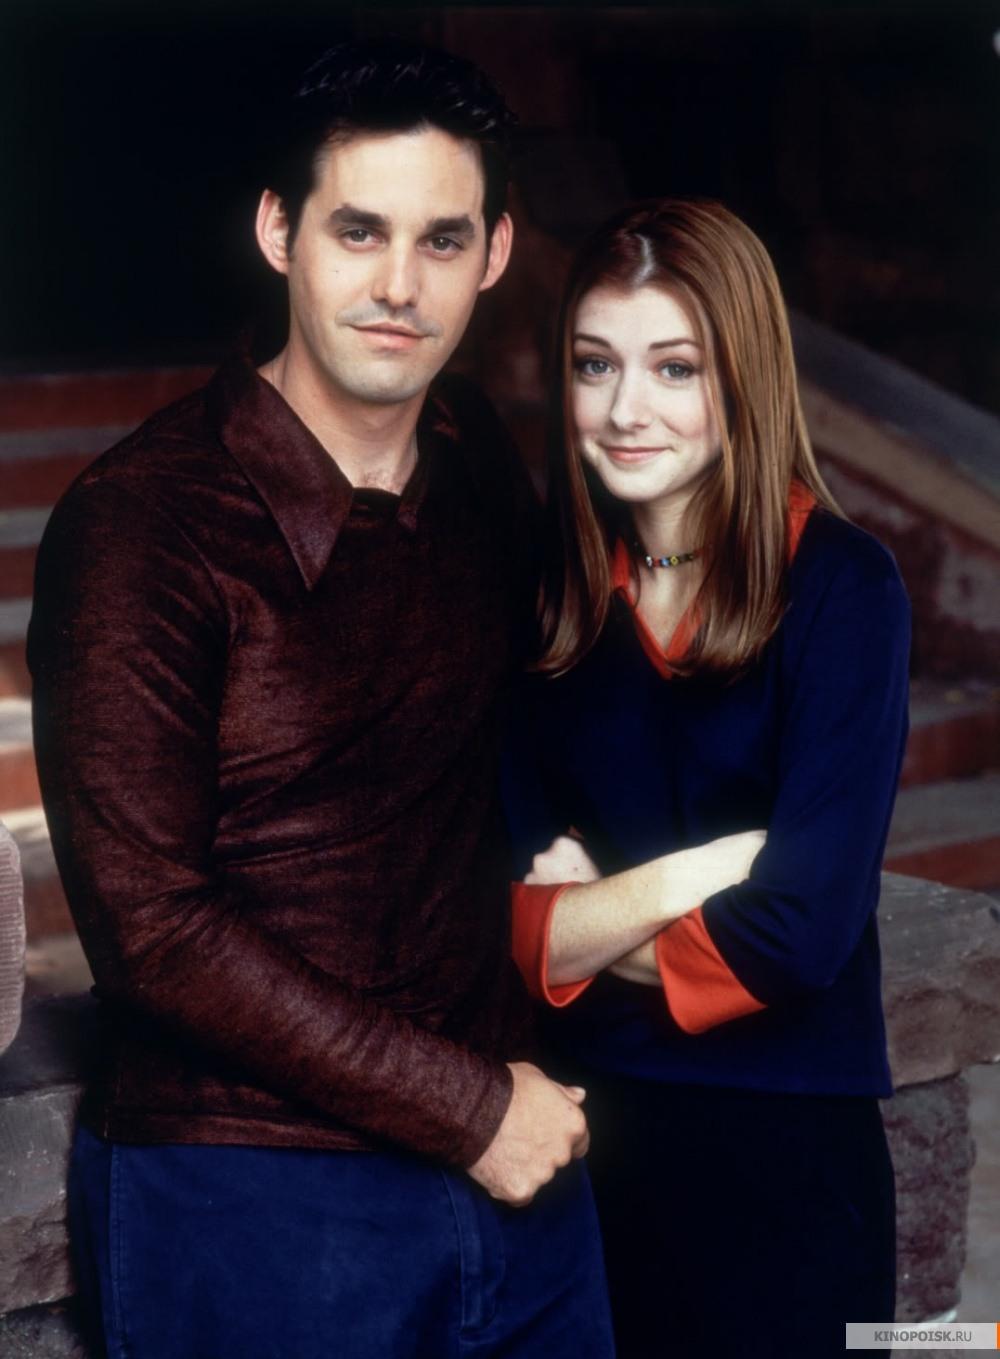 http://st.kinopoisk.ru/im/kadr/1/0/1/kinopoisk.ru-Buffy-the-Vampire-Slayer-1016543.jpg